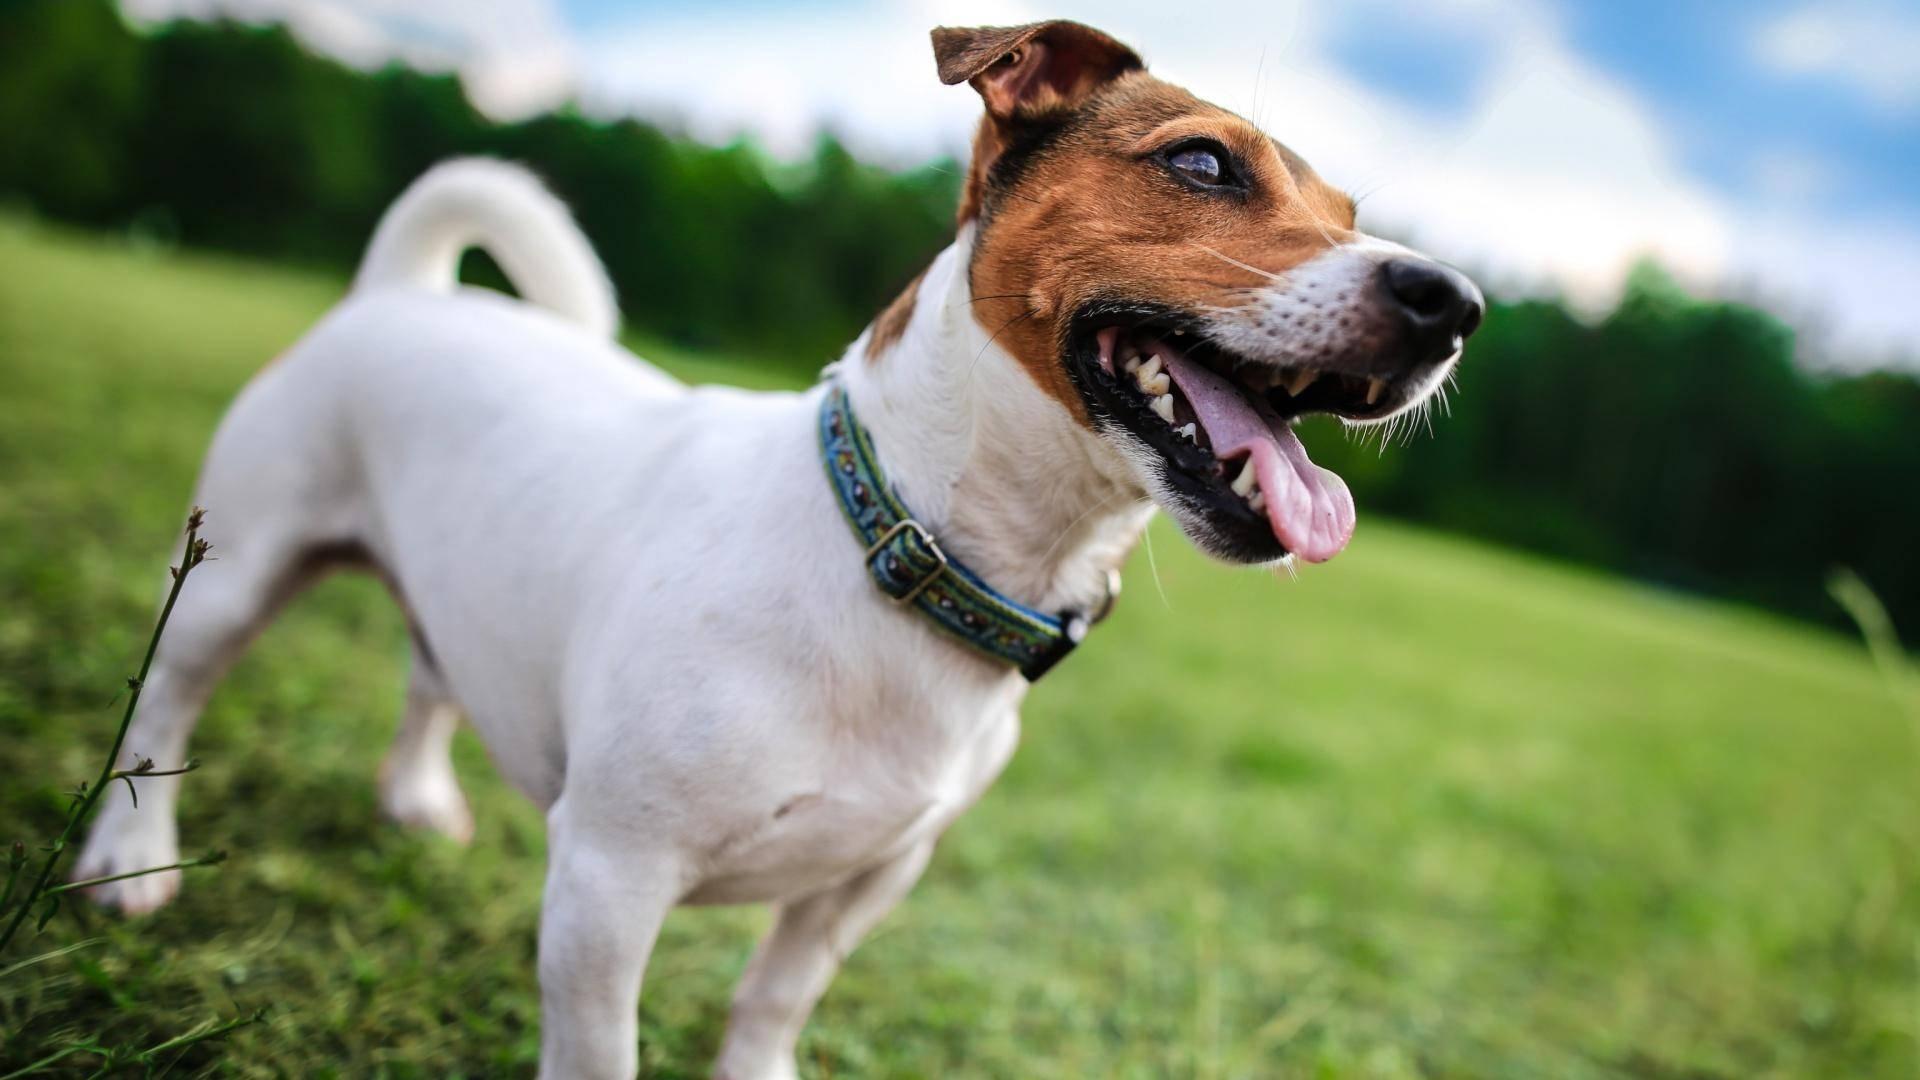 Джек-рассел-терьер: описание породы, характер, плюсы и минусы, собака из фильма маска, разновидности